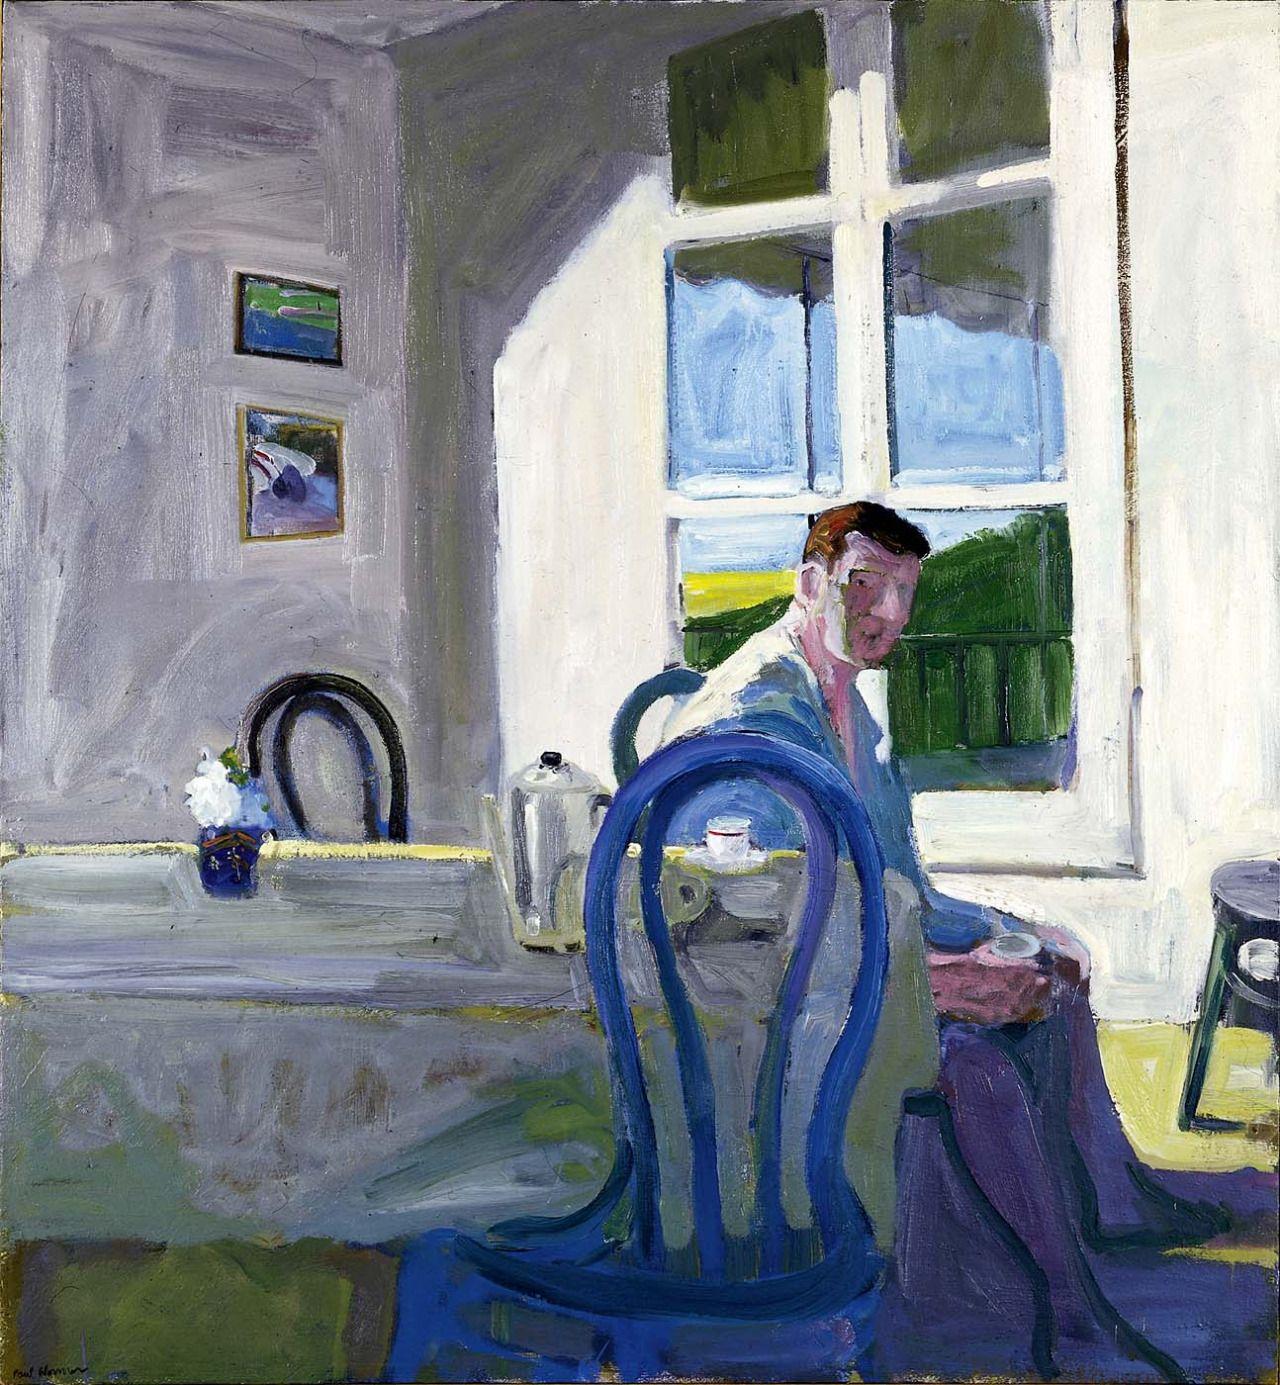 Paul Wonner, Model Drinking Coffee, 1964, oil on canvas, 49 ½ x 45 7/8 in.